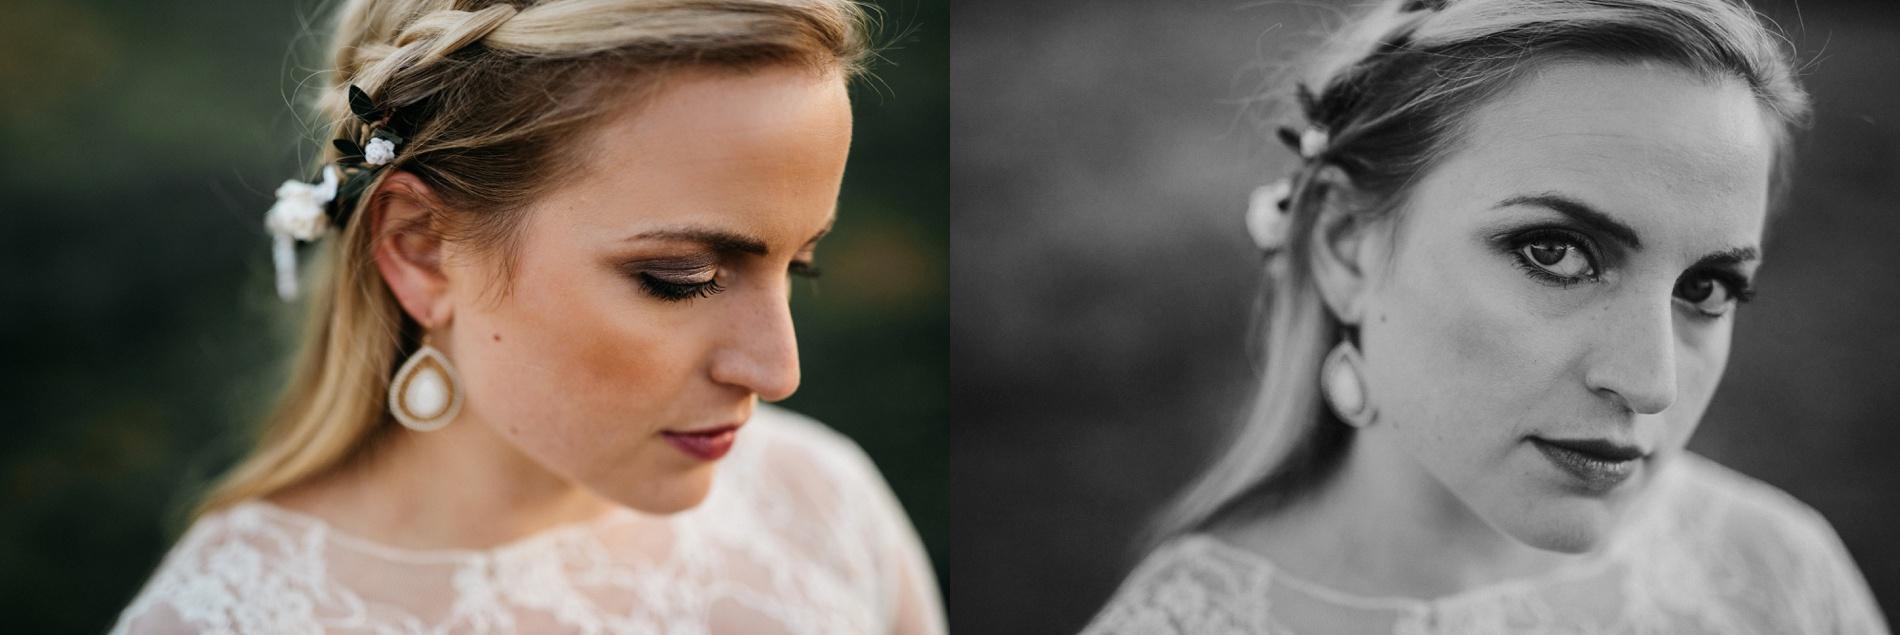 wedding photos in luray virginia